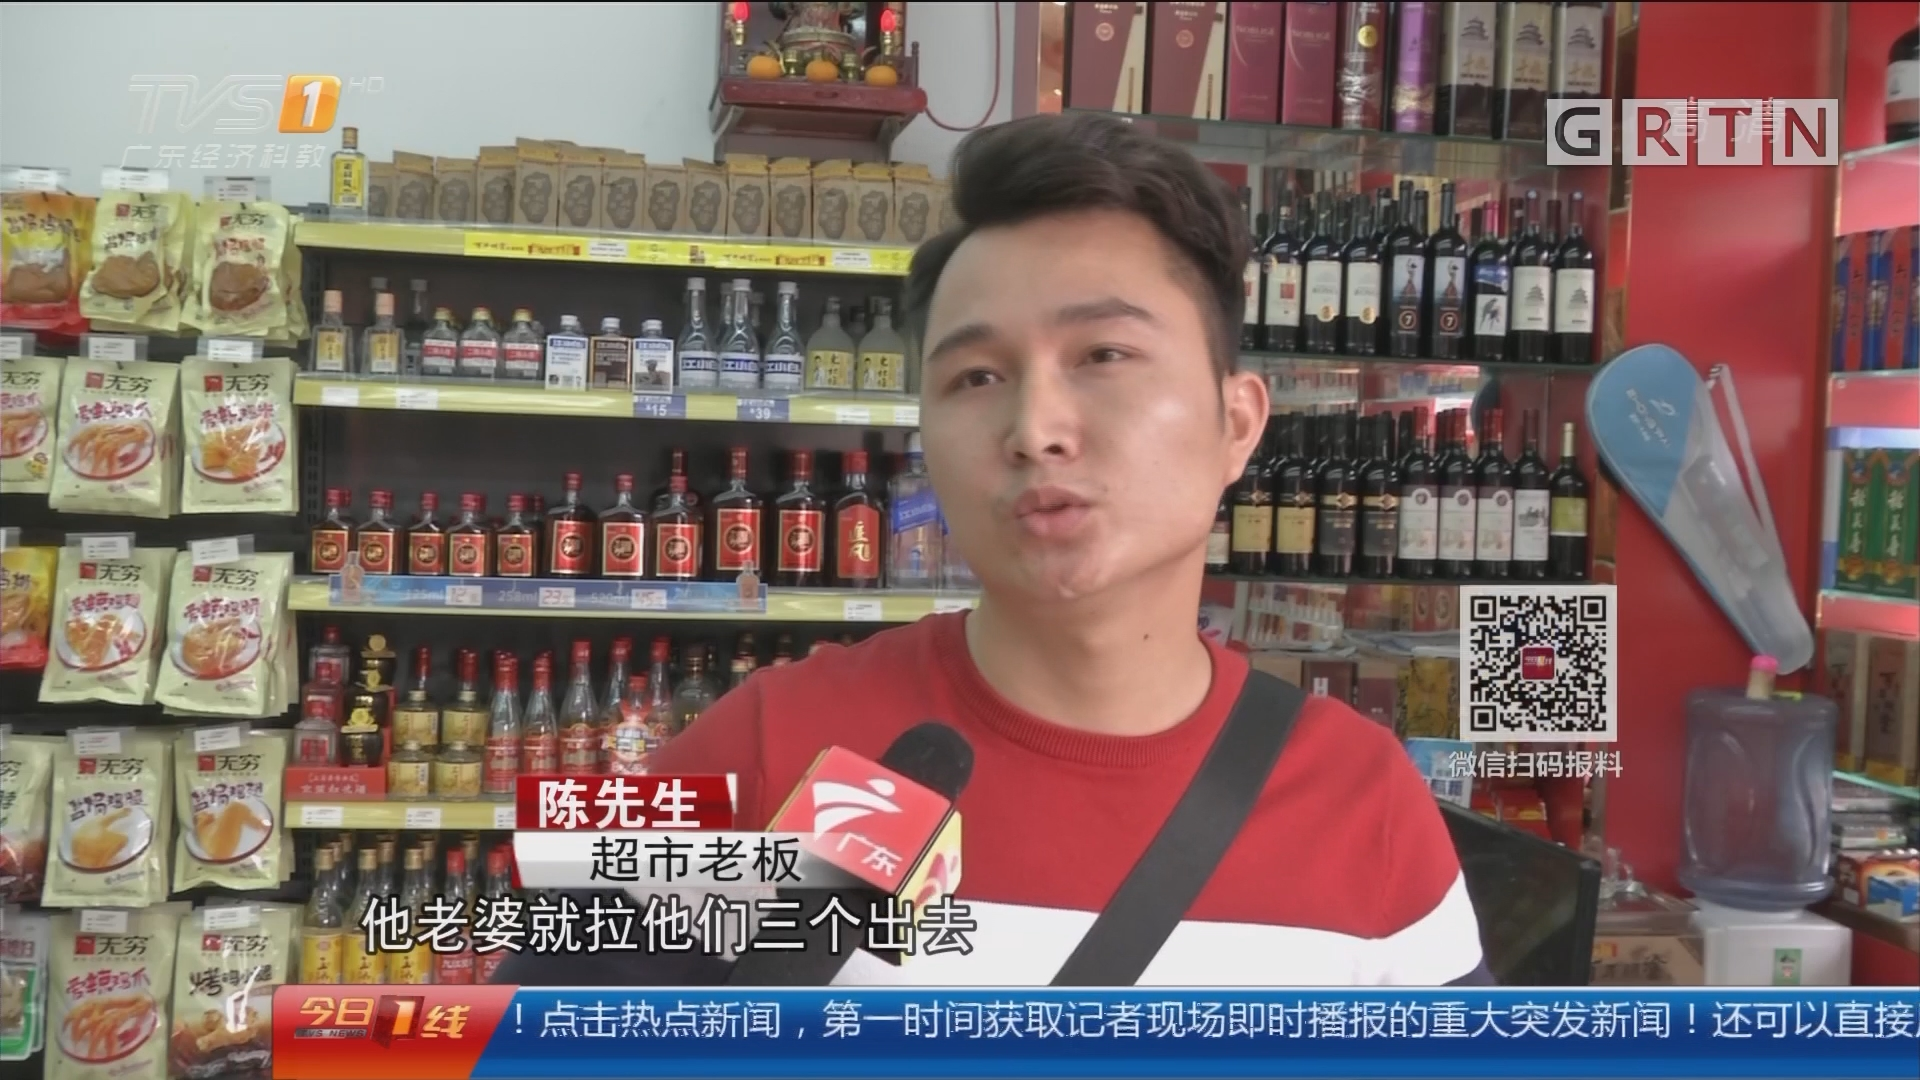 顺德龙江:超市内打砸伤人 所为何事?